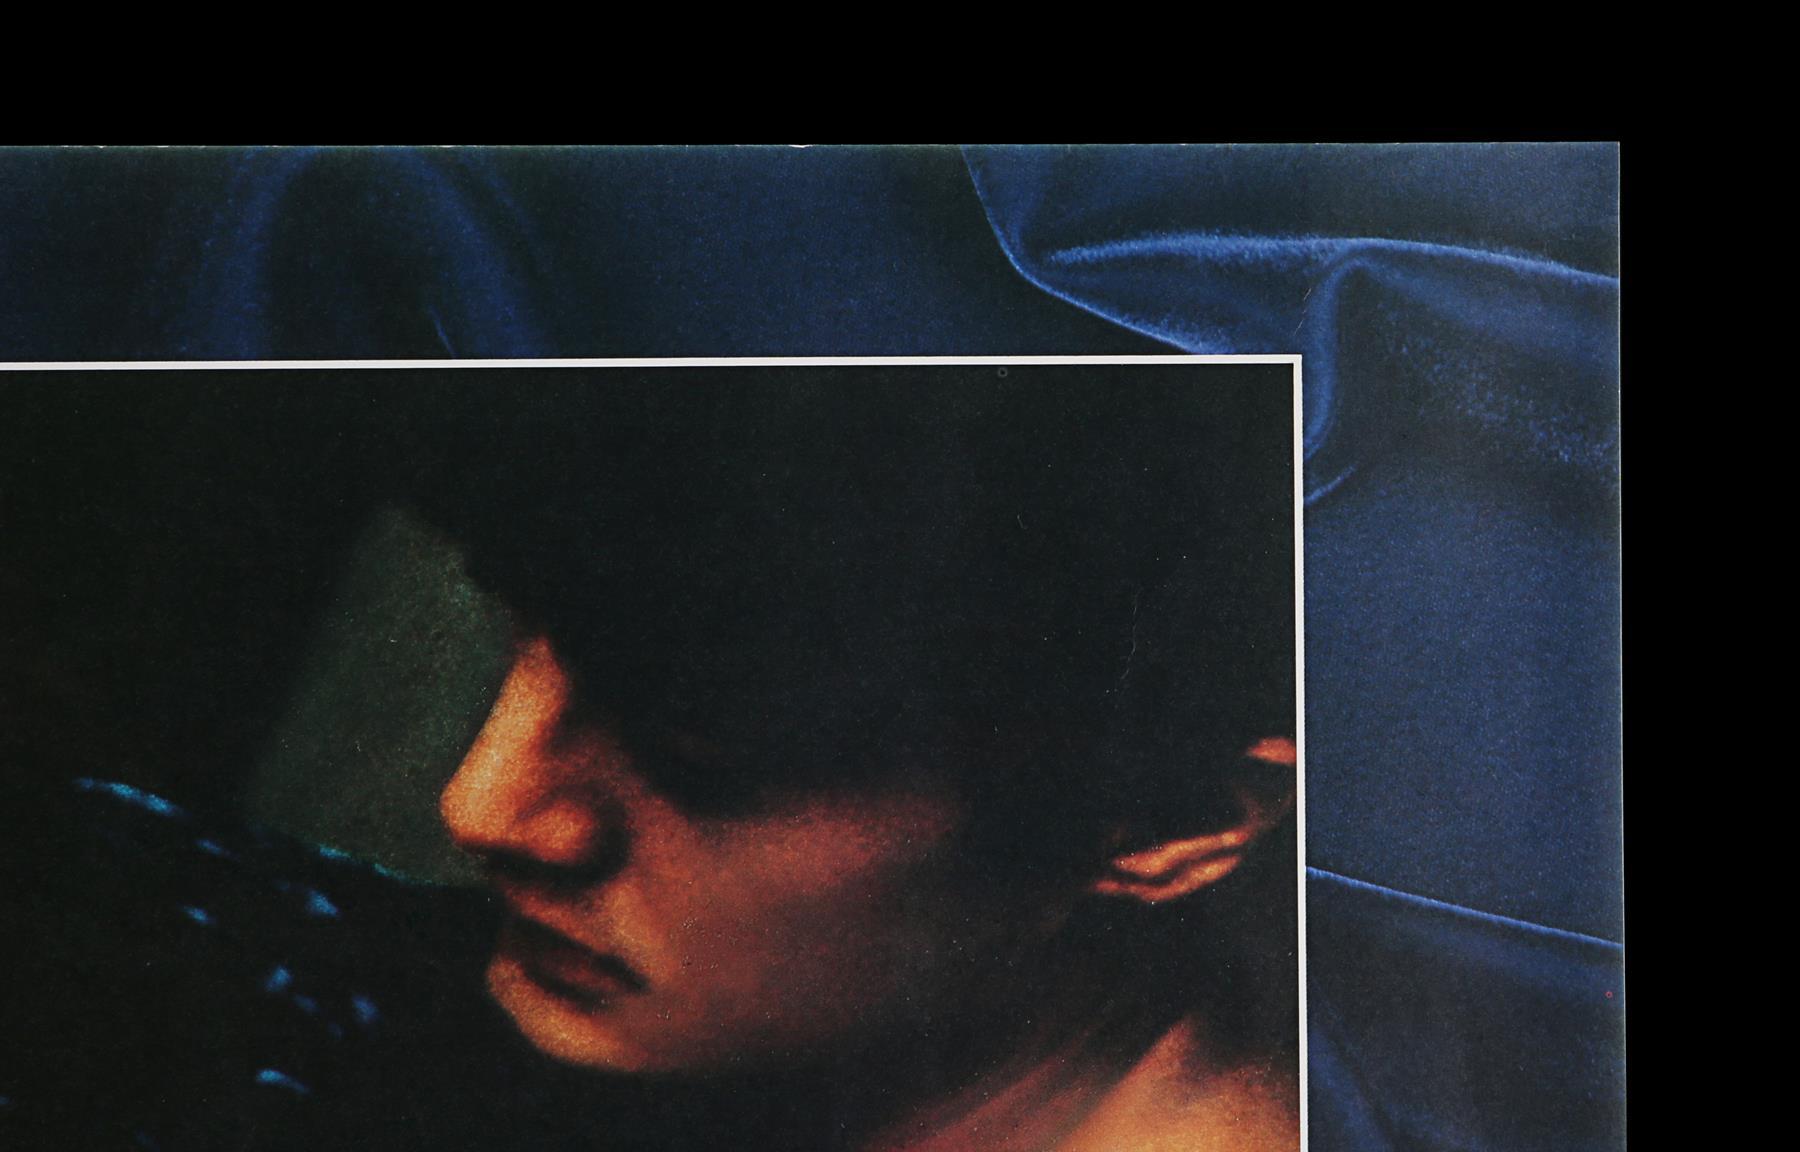 BLUE VELVET (1986) - UK Quad, 1986 - Image 3 of 6